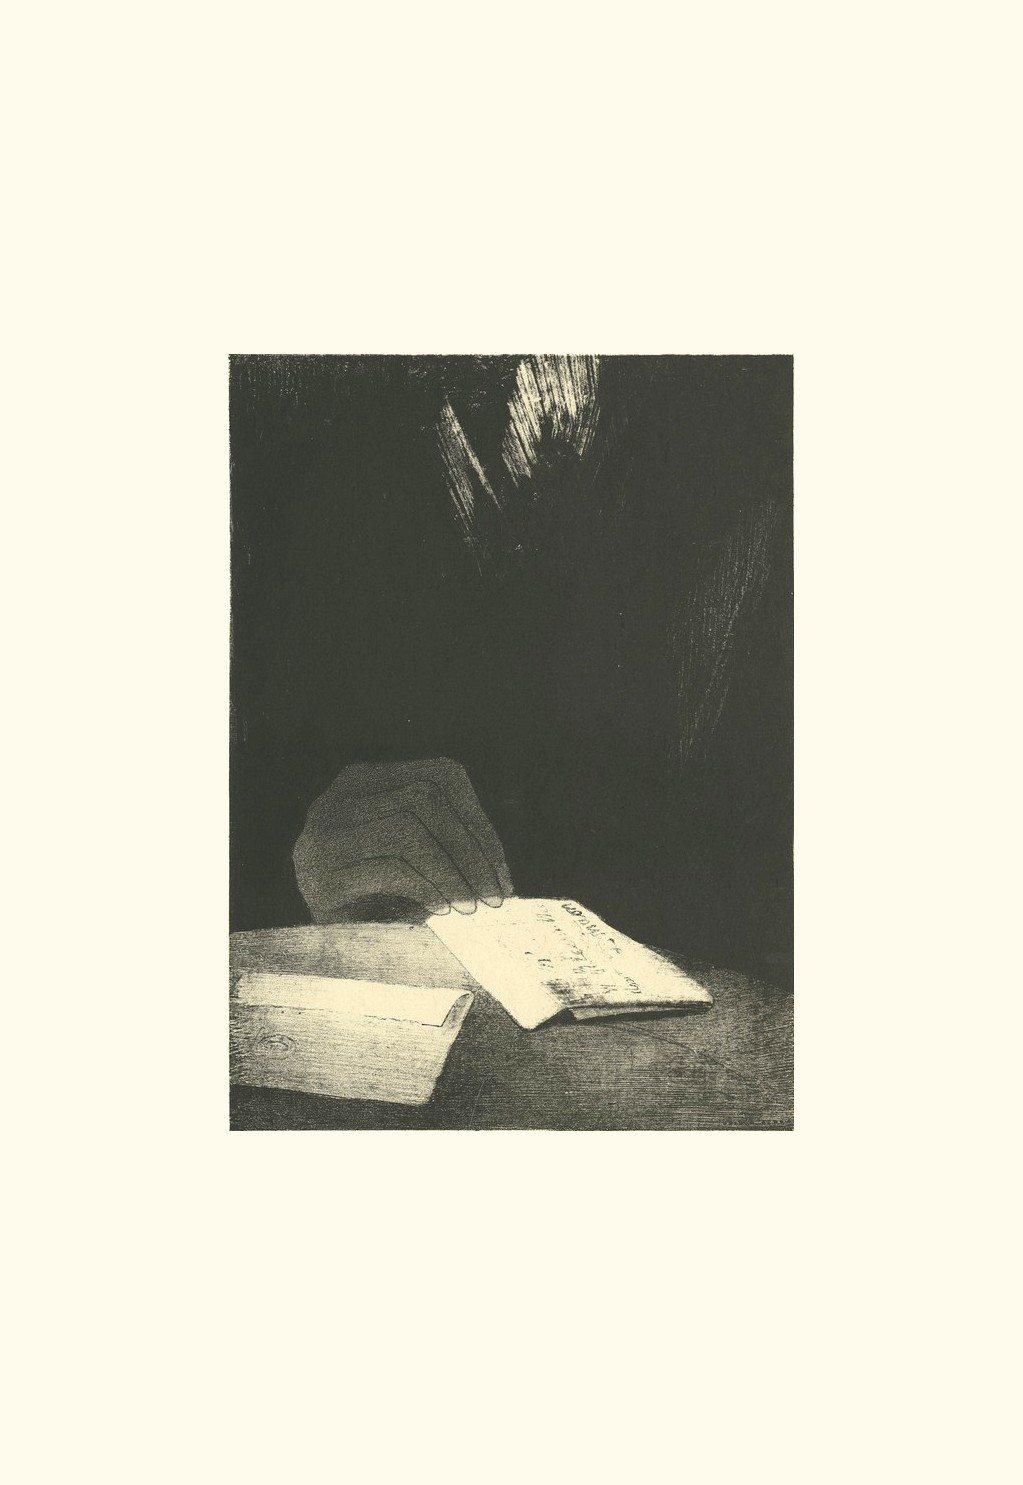 Selon toute apparence, c'était une main de chair et de sang :  | estampe ) | Odilon Redon. Guillaume Apollinaire. La chanson du Mal-Aimé. Et je chantais cette romance En 1903 sans savoir Que mon amour à la semblance Du beau Phénix s'il meurt un soir Le matin voit sa renaissance. Léo ferré. Frans leren, Vivienne Stringa